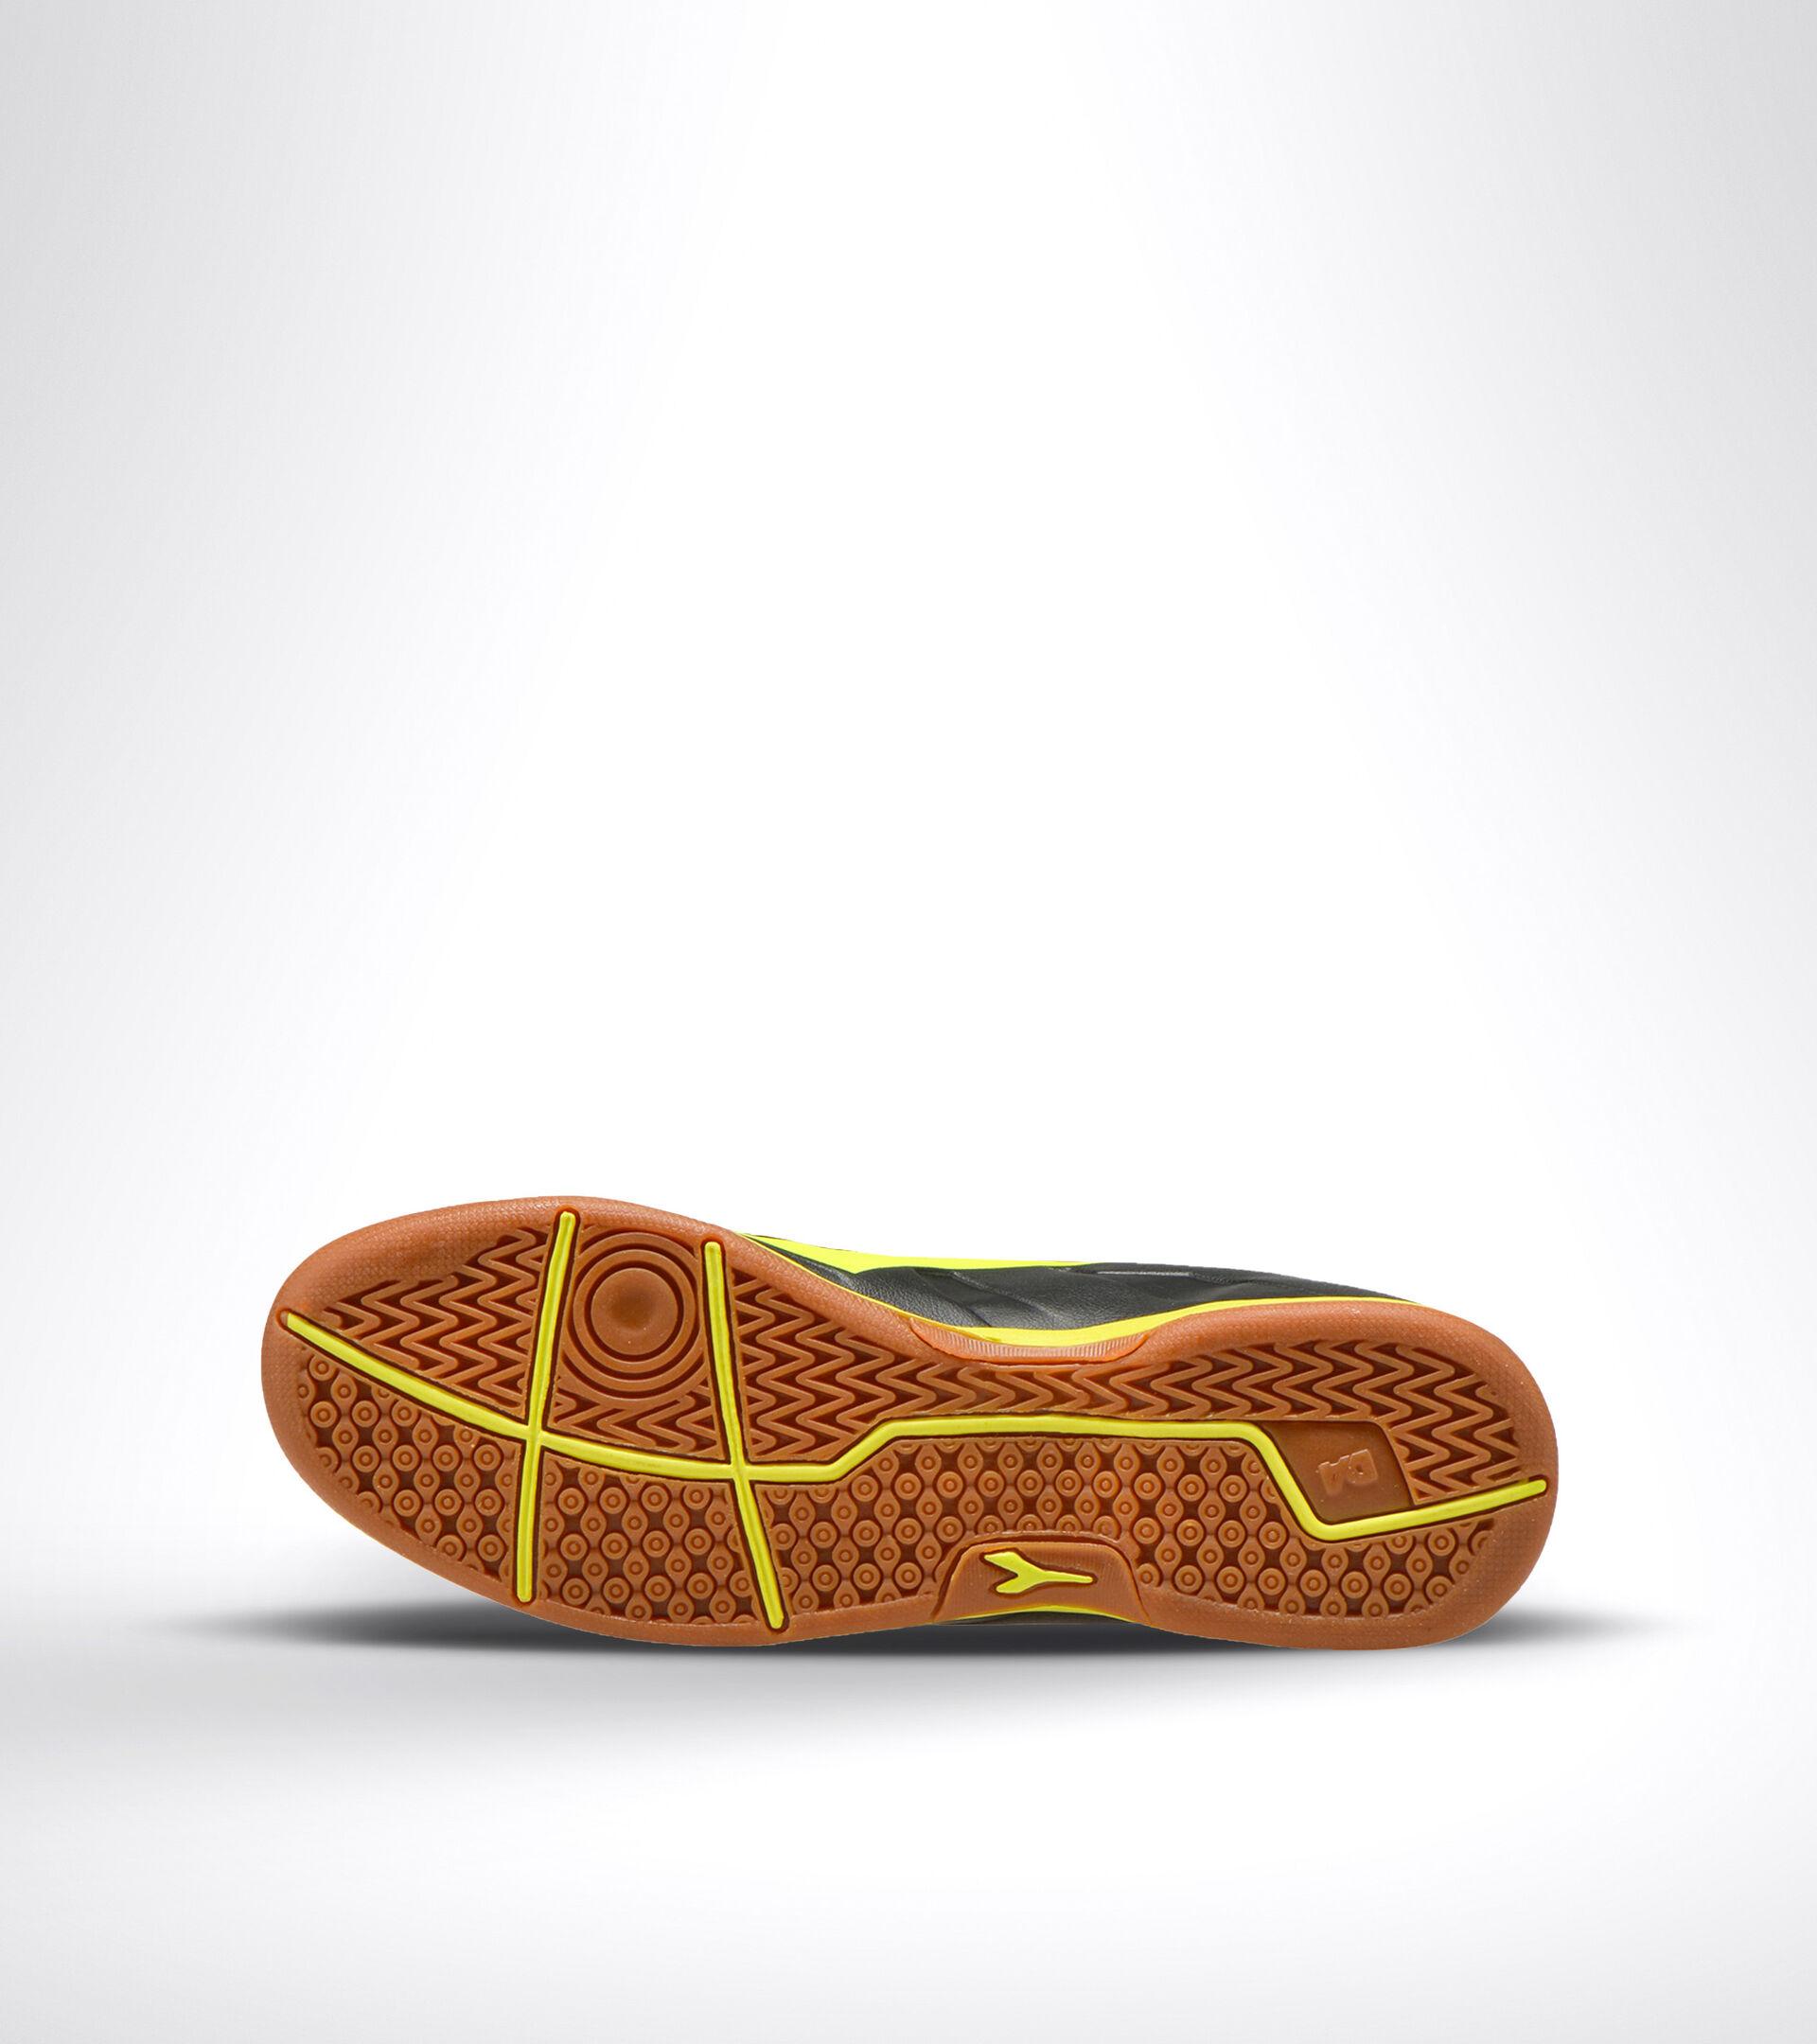 Footwear Sport UOMO PICHICHI 3 ID NEGRO/AMARILLO FLUO DD Diadora